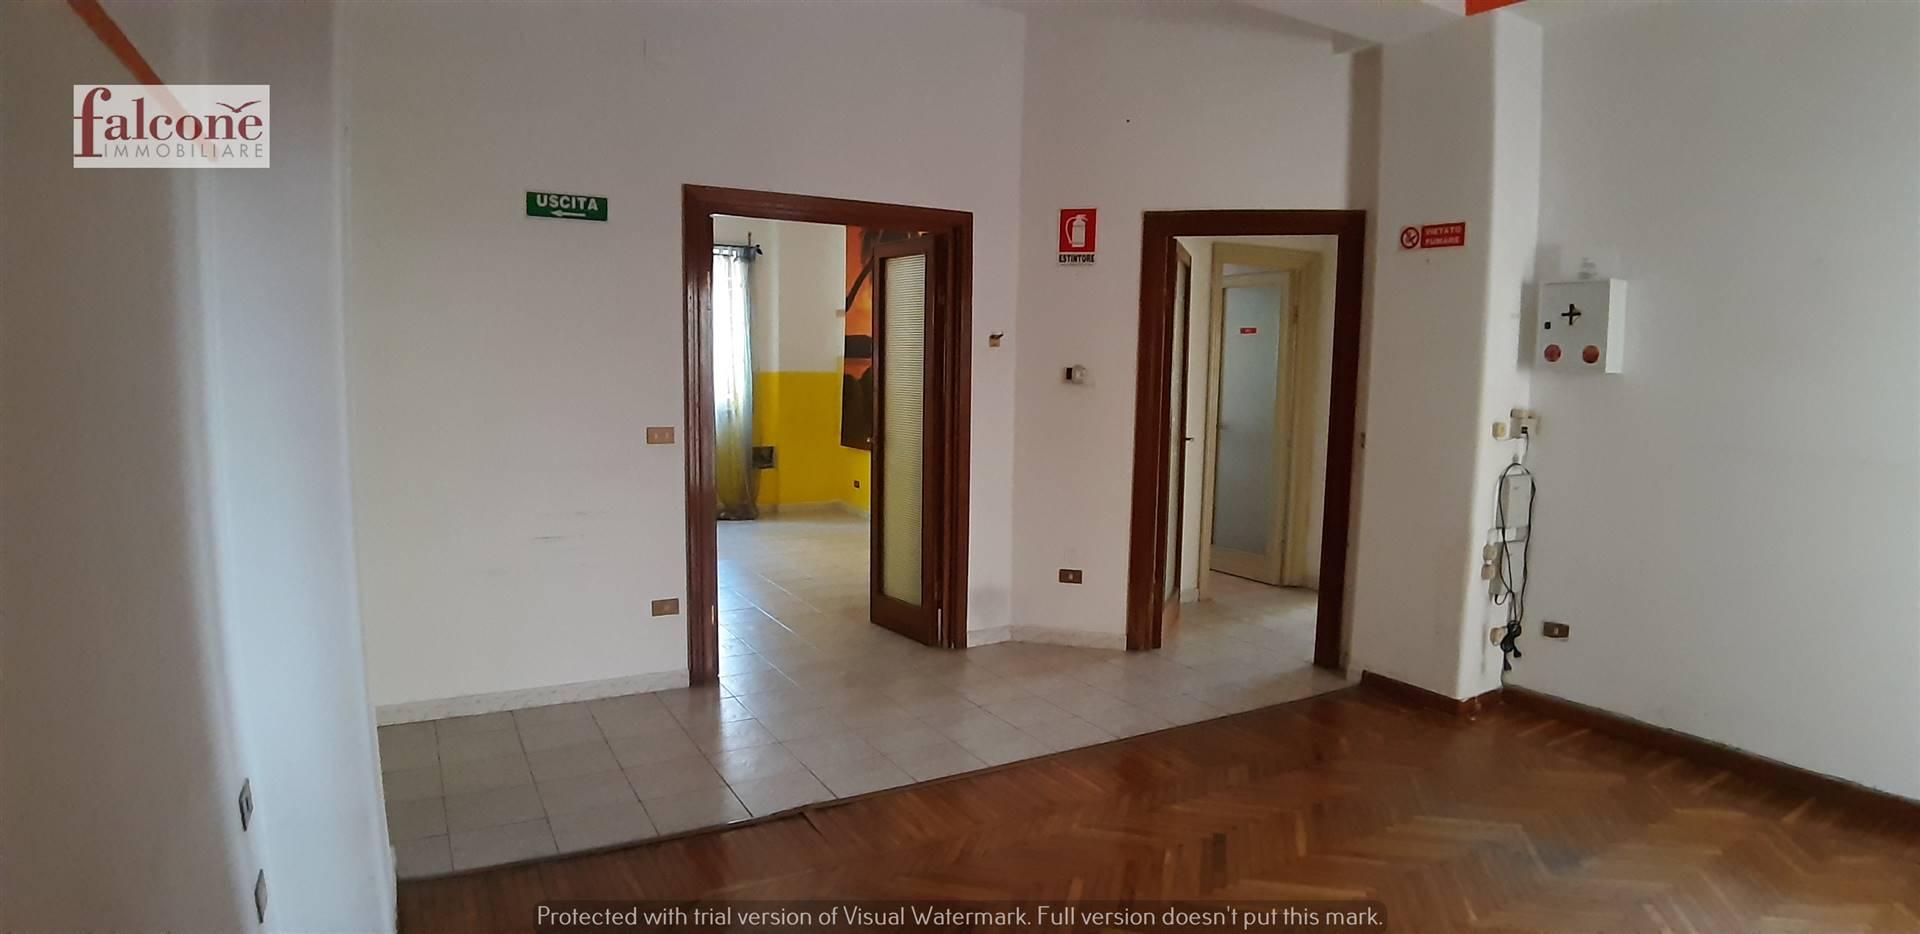 VIA ROMA, COSENZA, Wohnung zu verkaufen von 100 Qm, Renovierungsbeduerftig, Heizung Unabhaengig, Energie-klasse: G, Epi: 0 kwh/m2 jahr, am boden